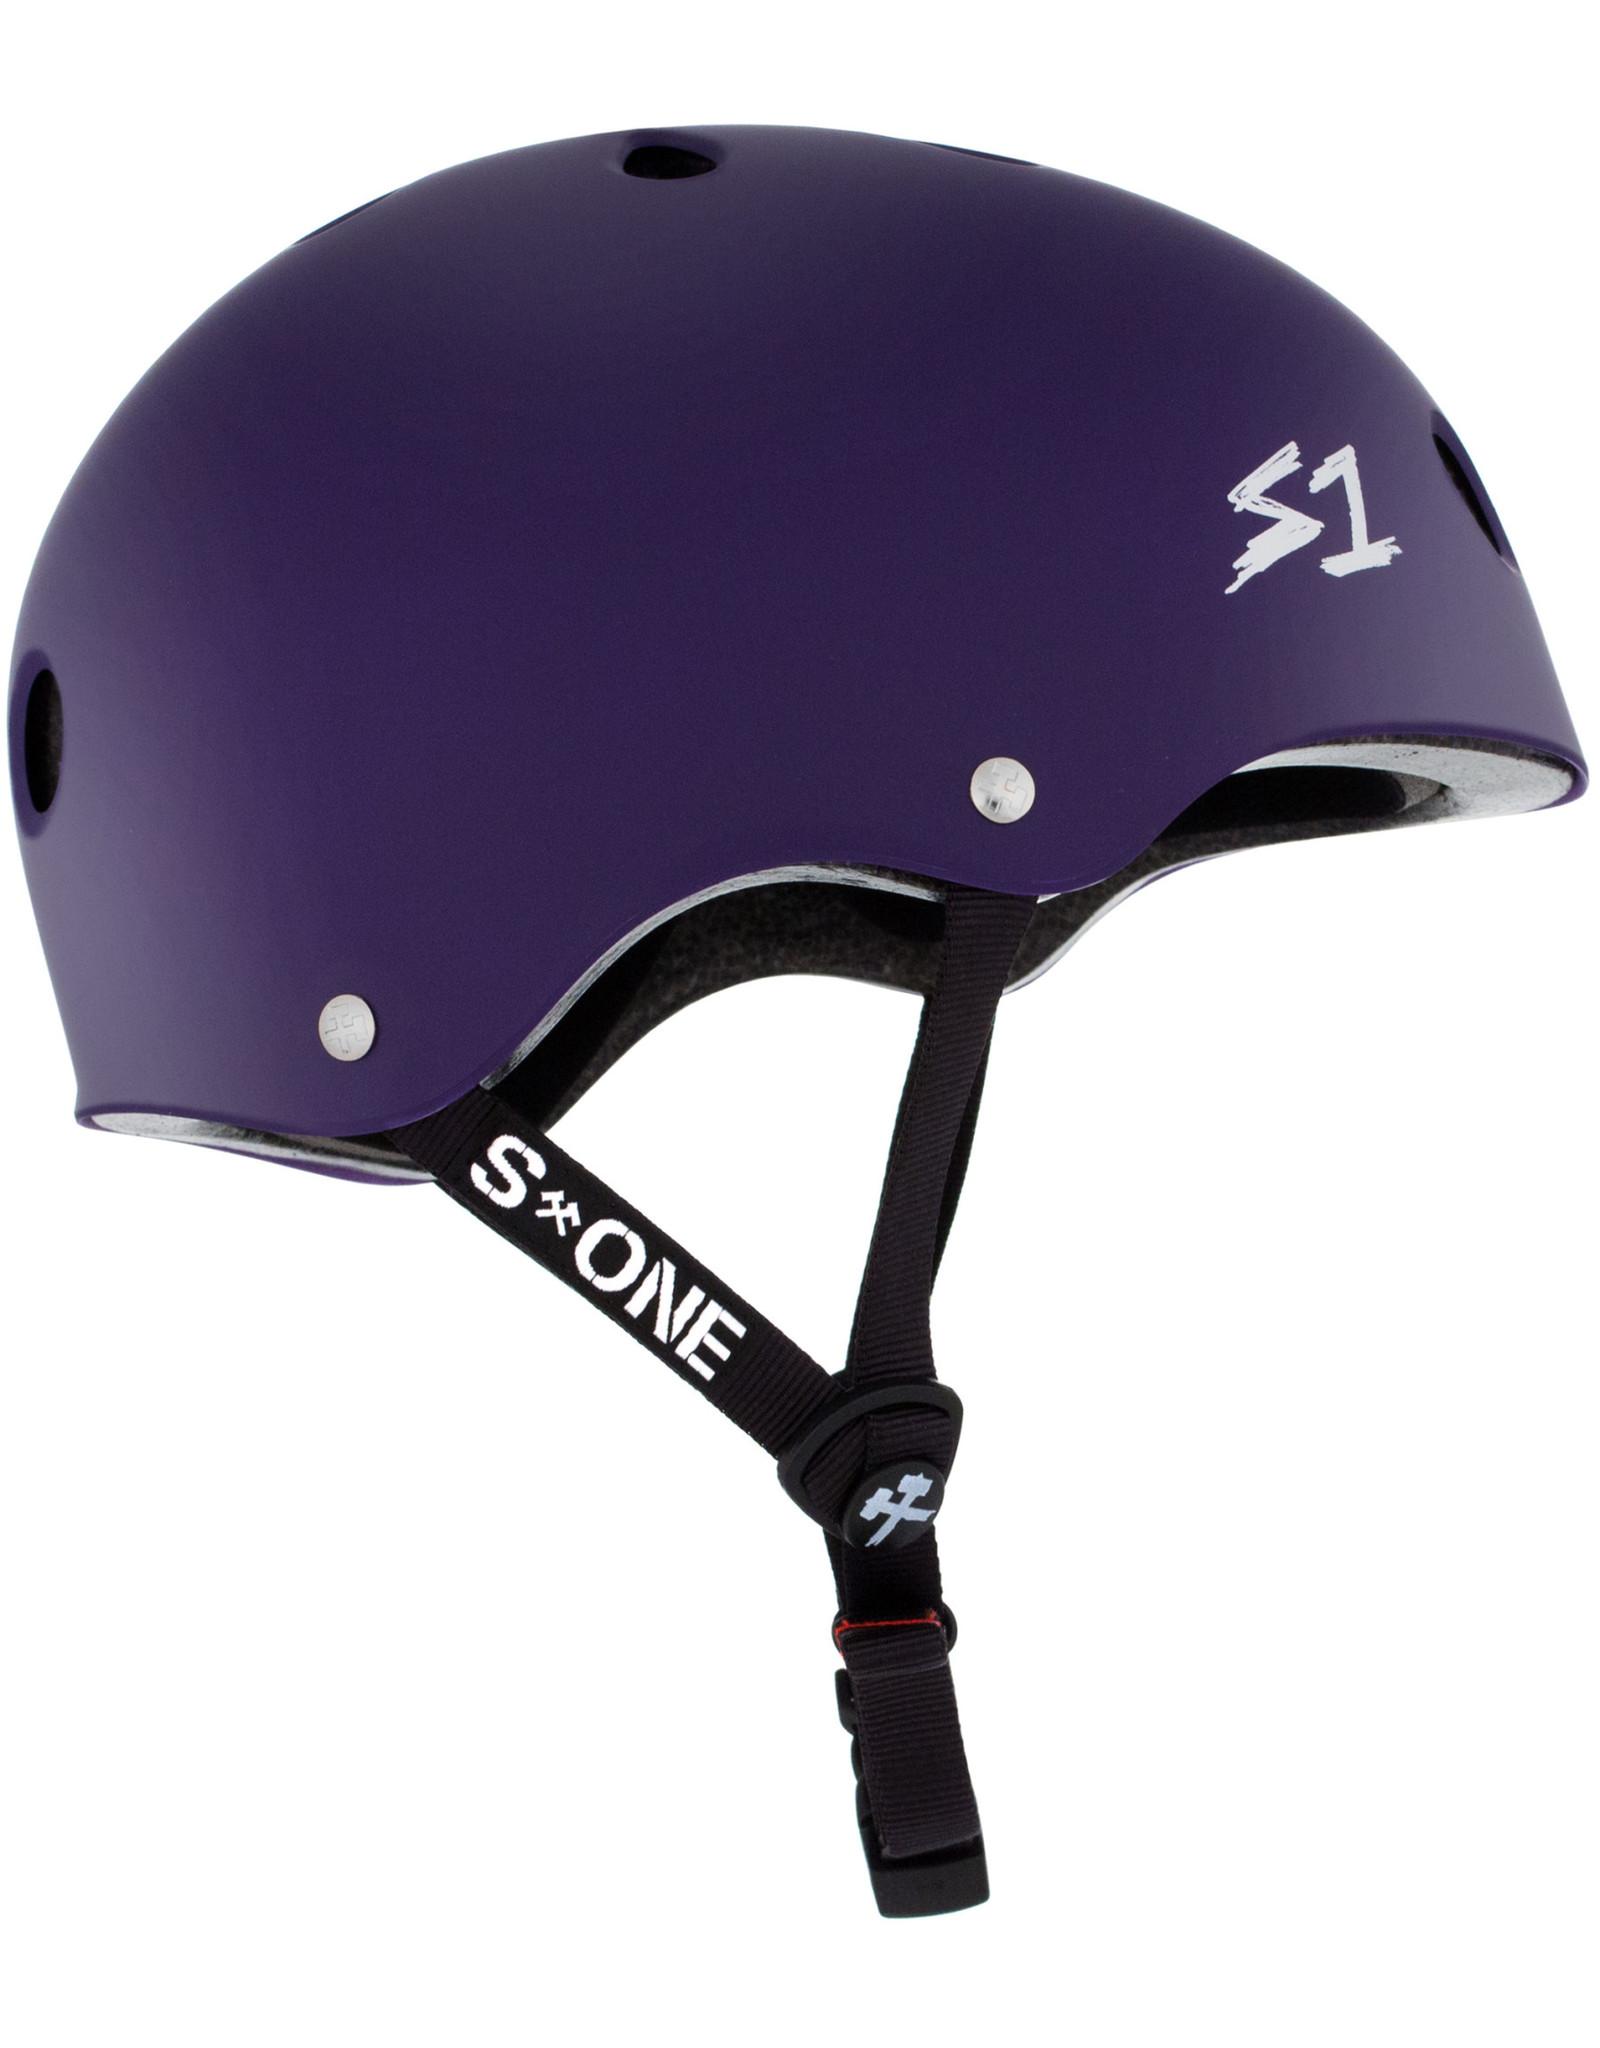 S-One S1 Mega Lifer Helmet